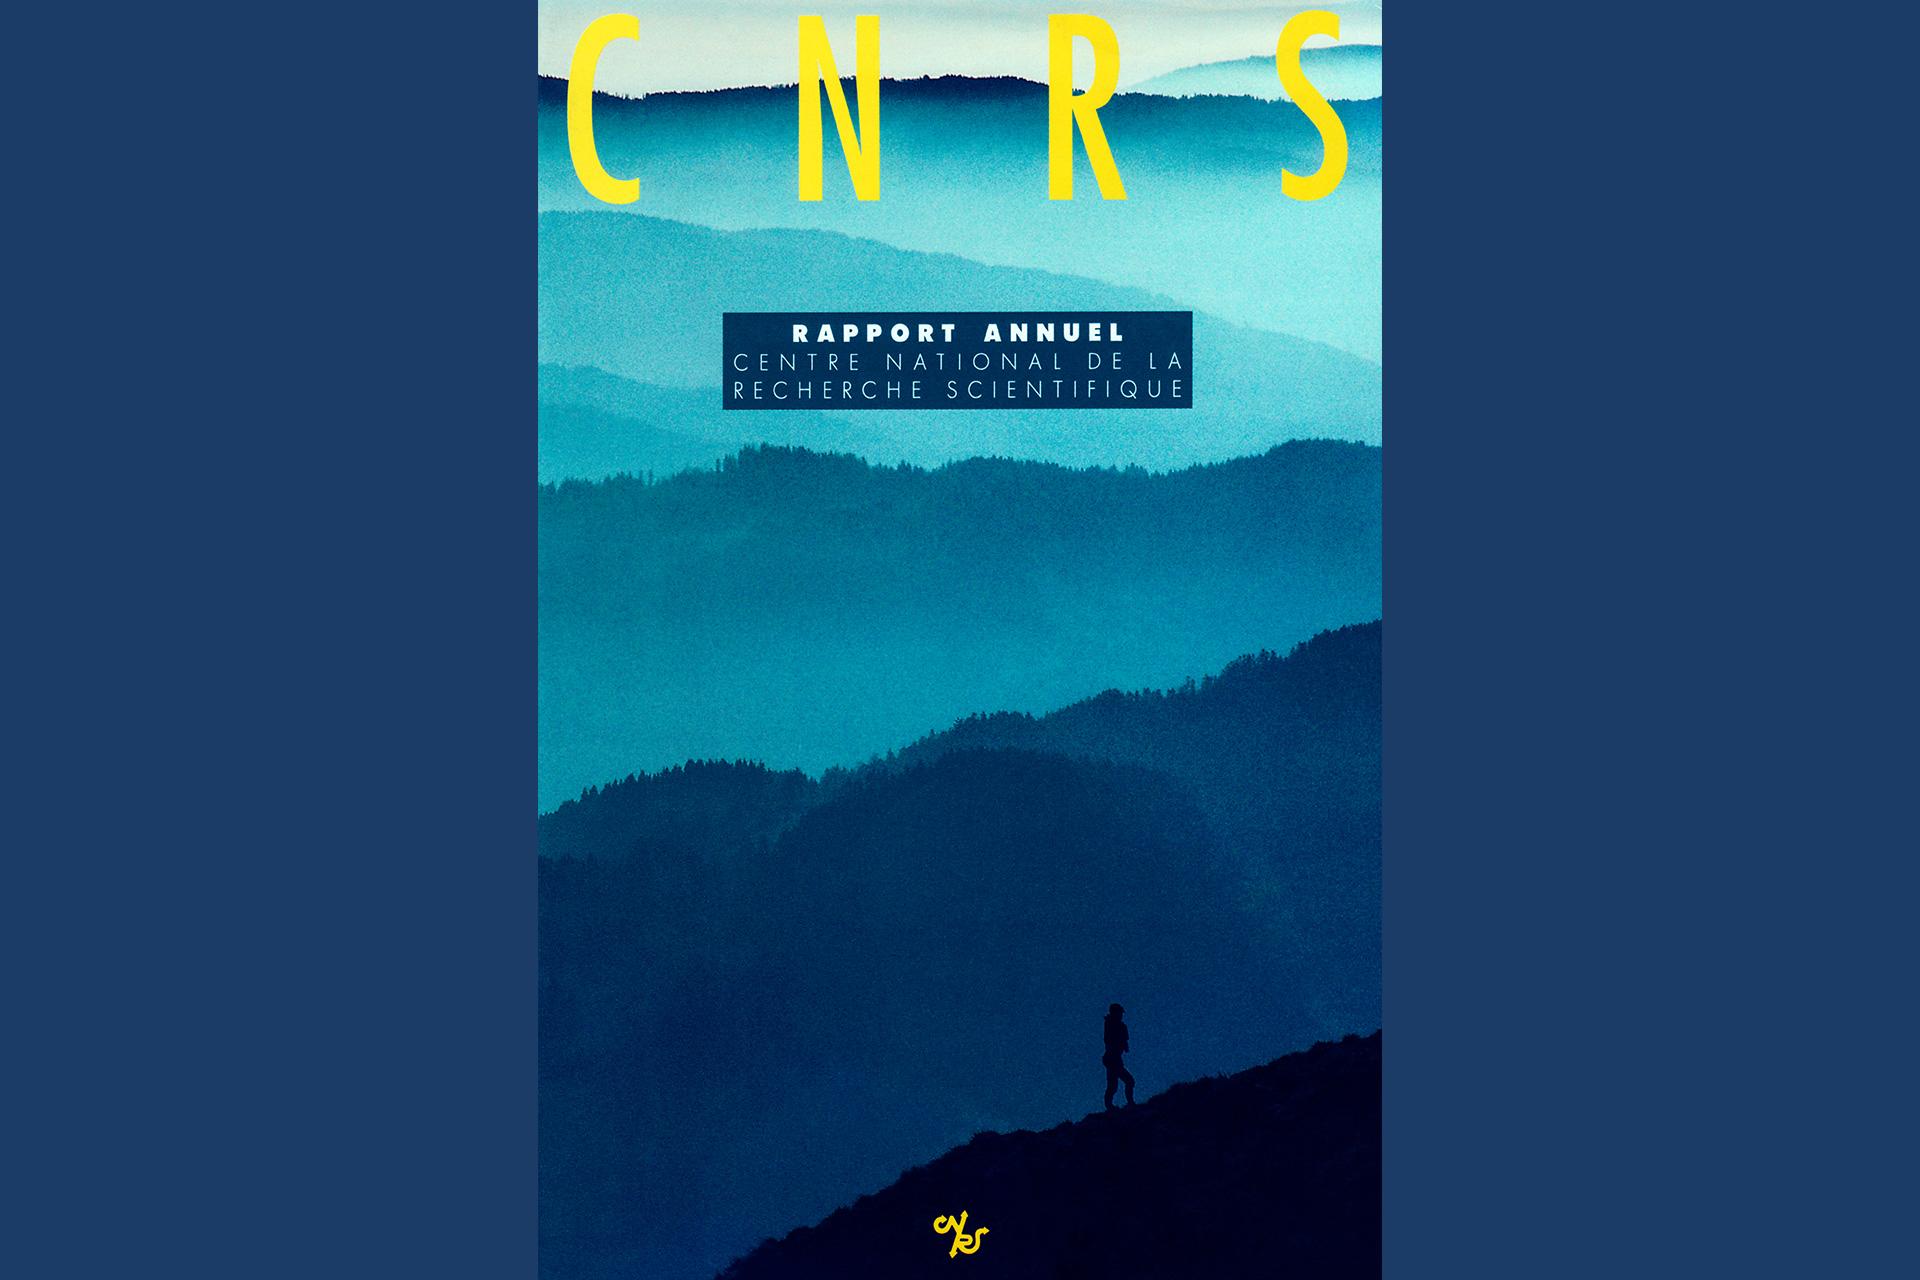 Rapport Annuel CNRS. Photos en pages intérieures, commande production.